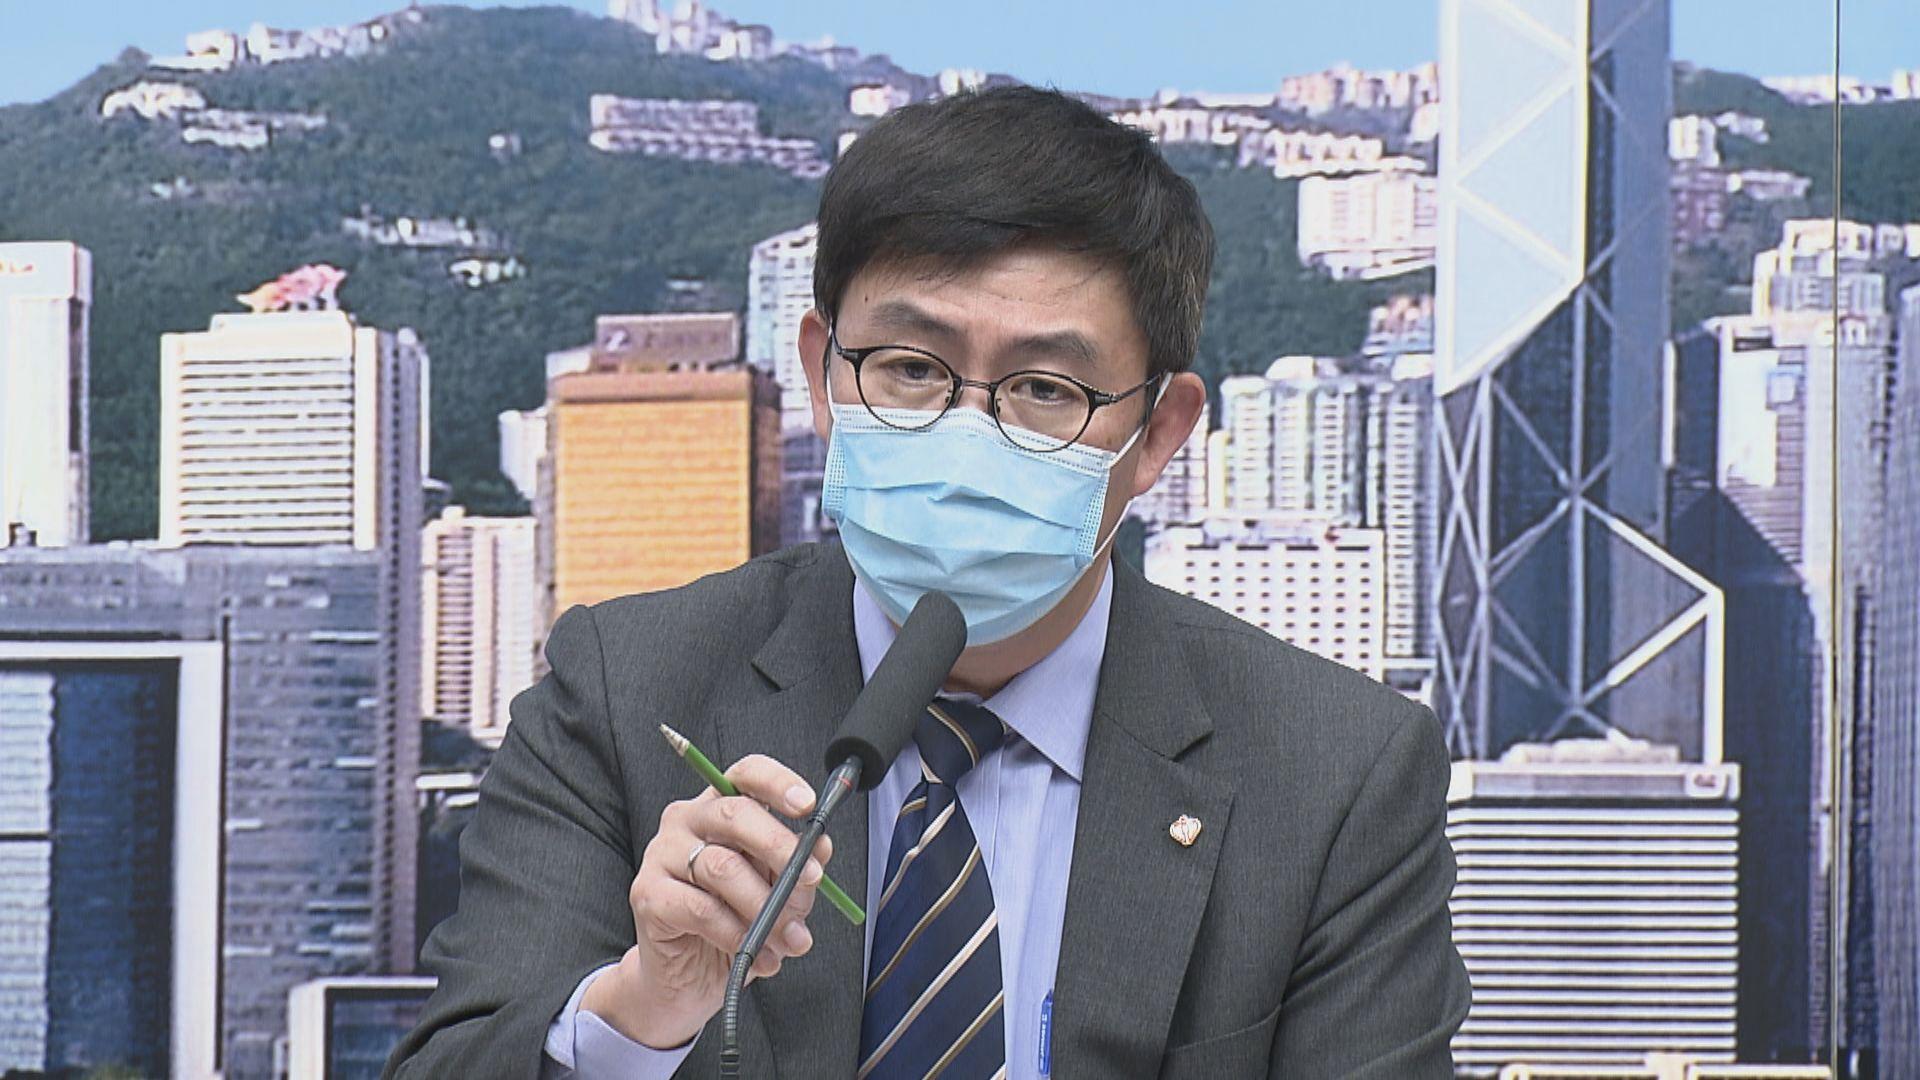 醫管局批評瞞報增醫護風險 正研究追究法律責任